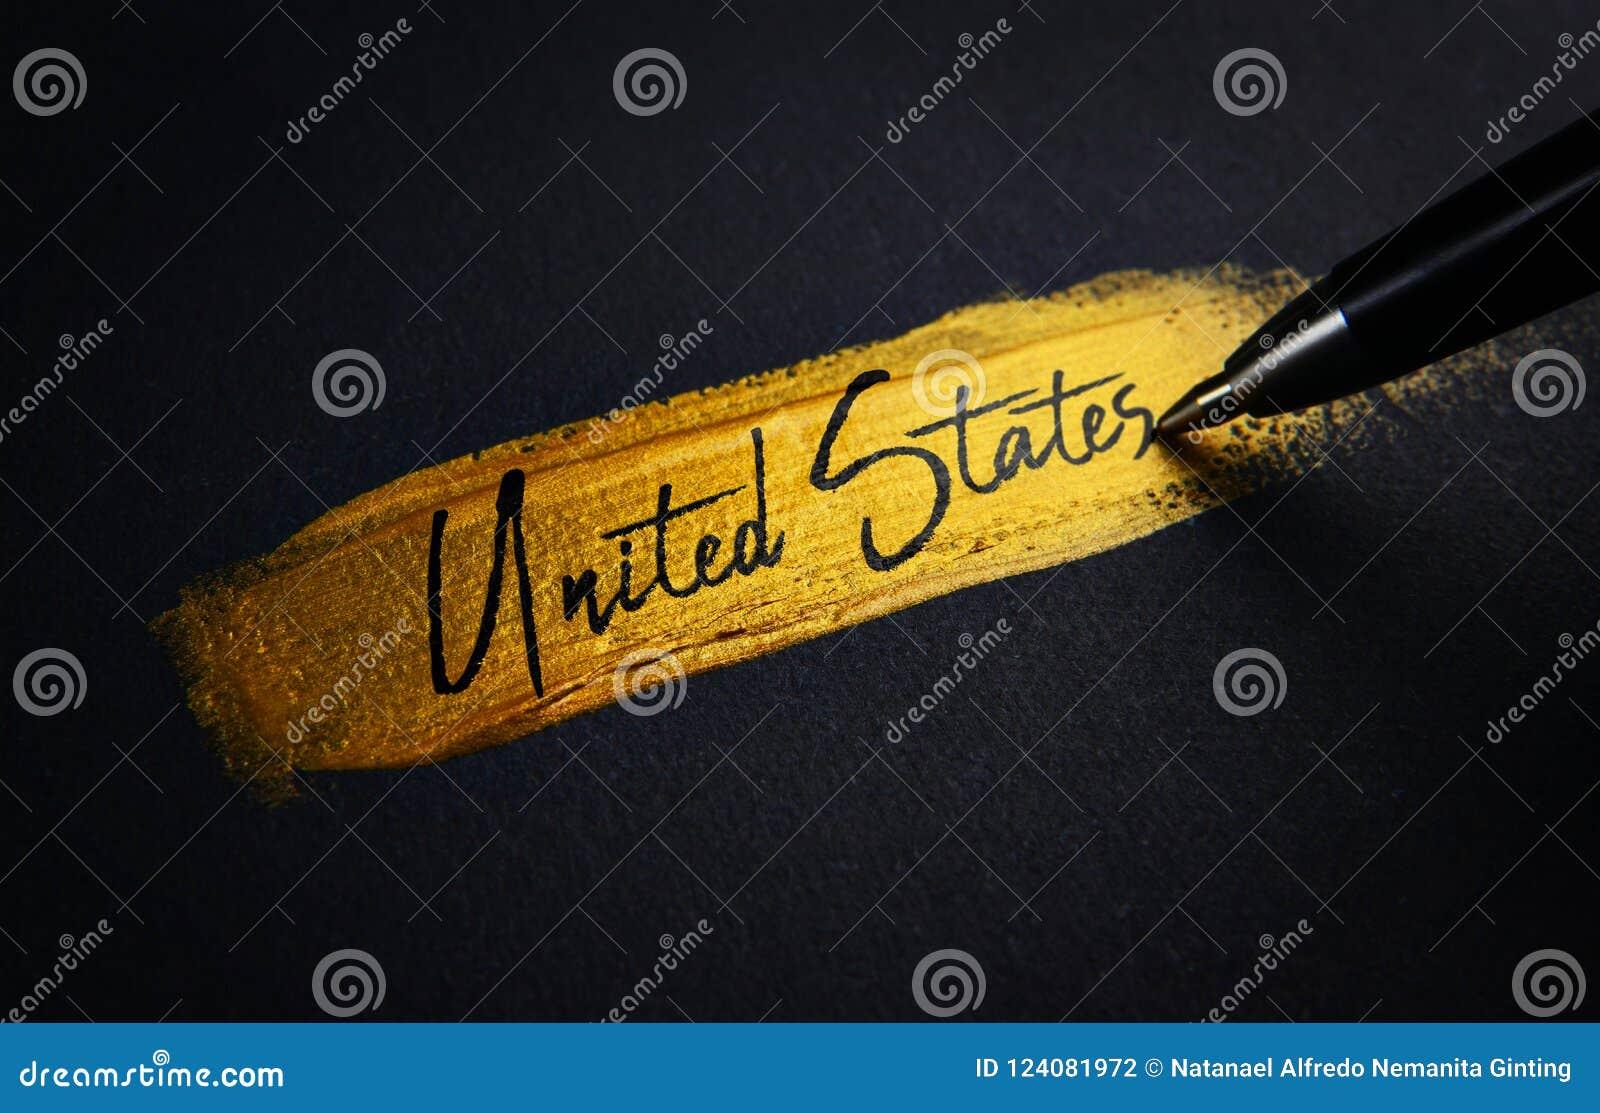 Het Handschrifttekst van Verenigde Staten op de Gouden Slag van de Verfborstel